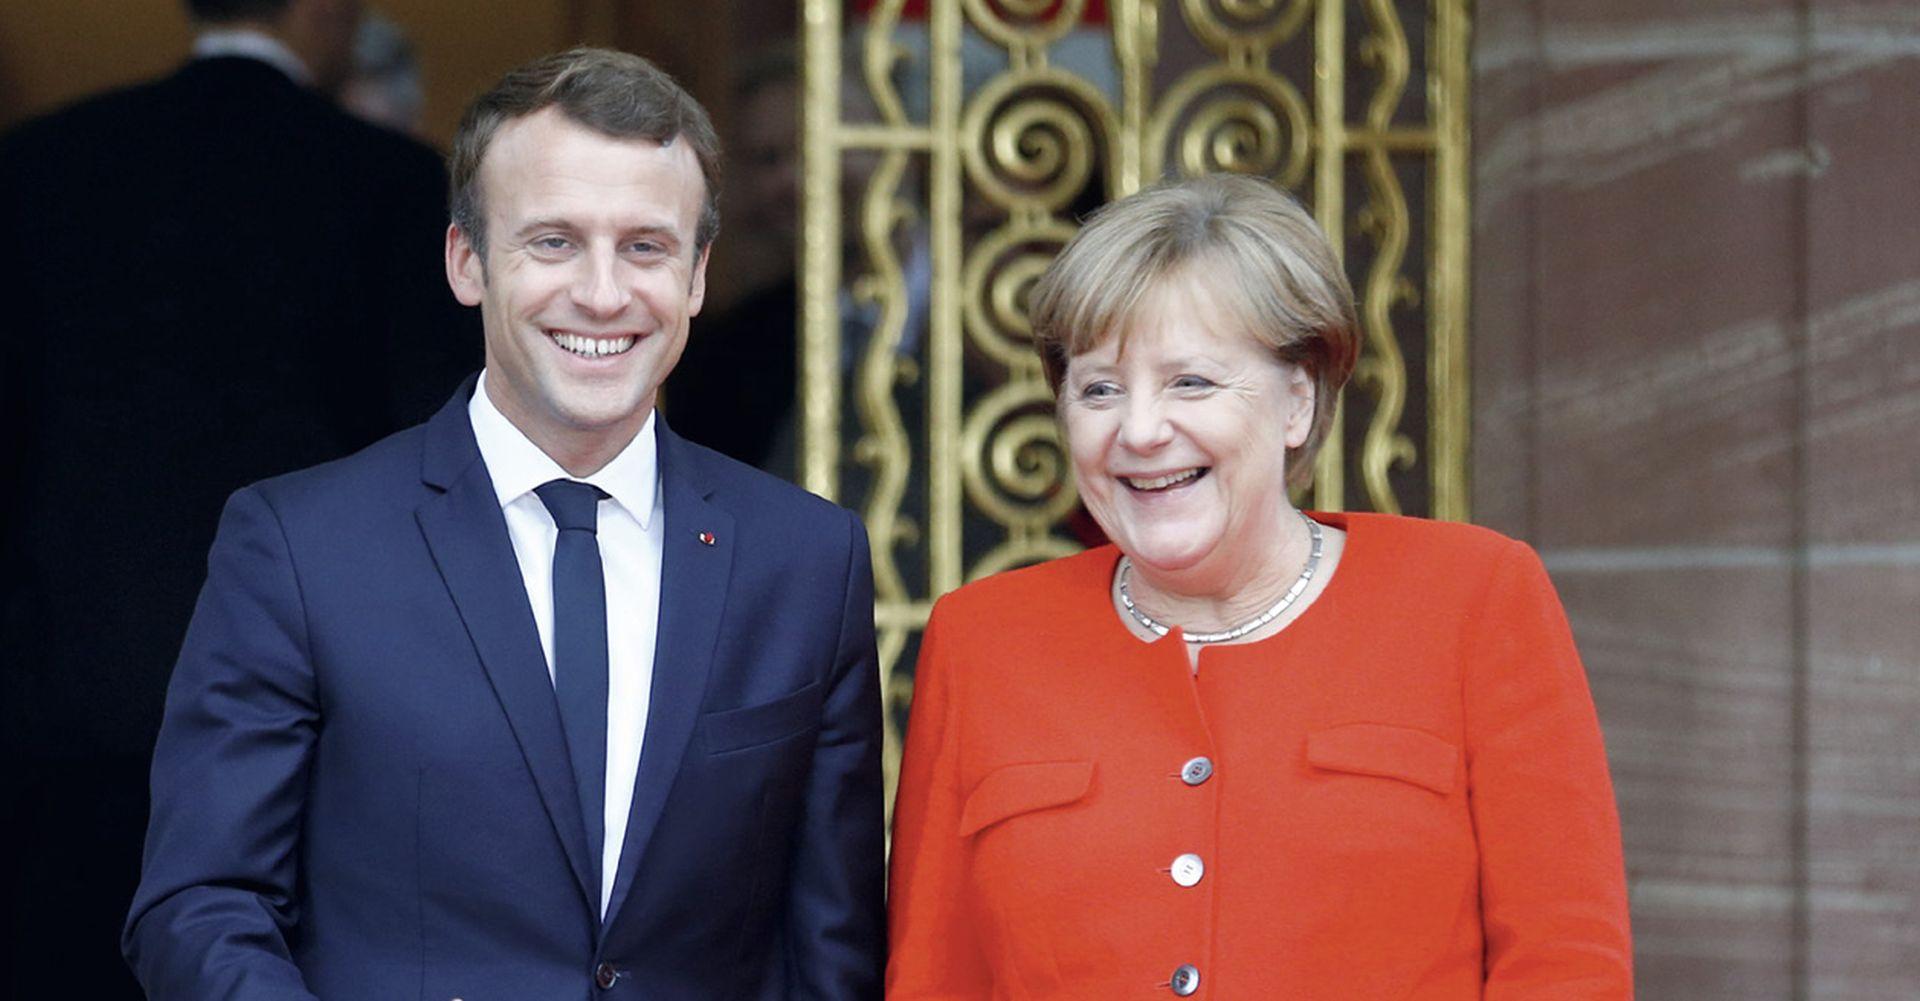 Macron pitanje izaslanih radnika koristi za nove podjele unutar EU-a